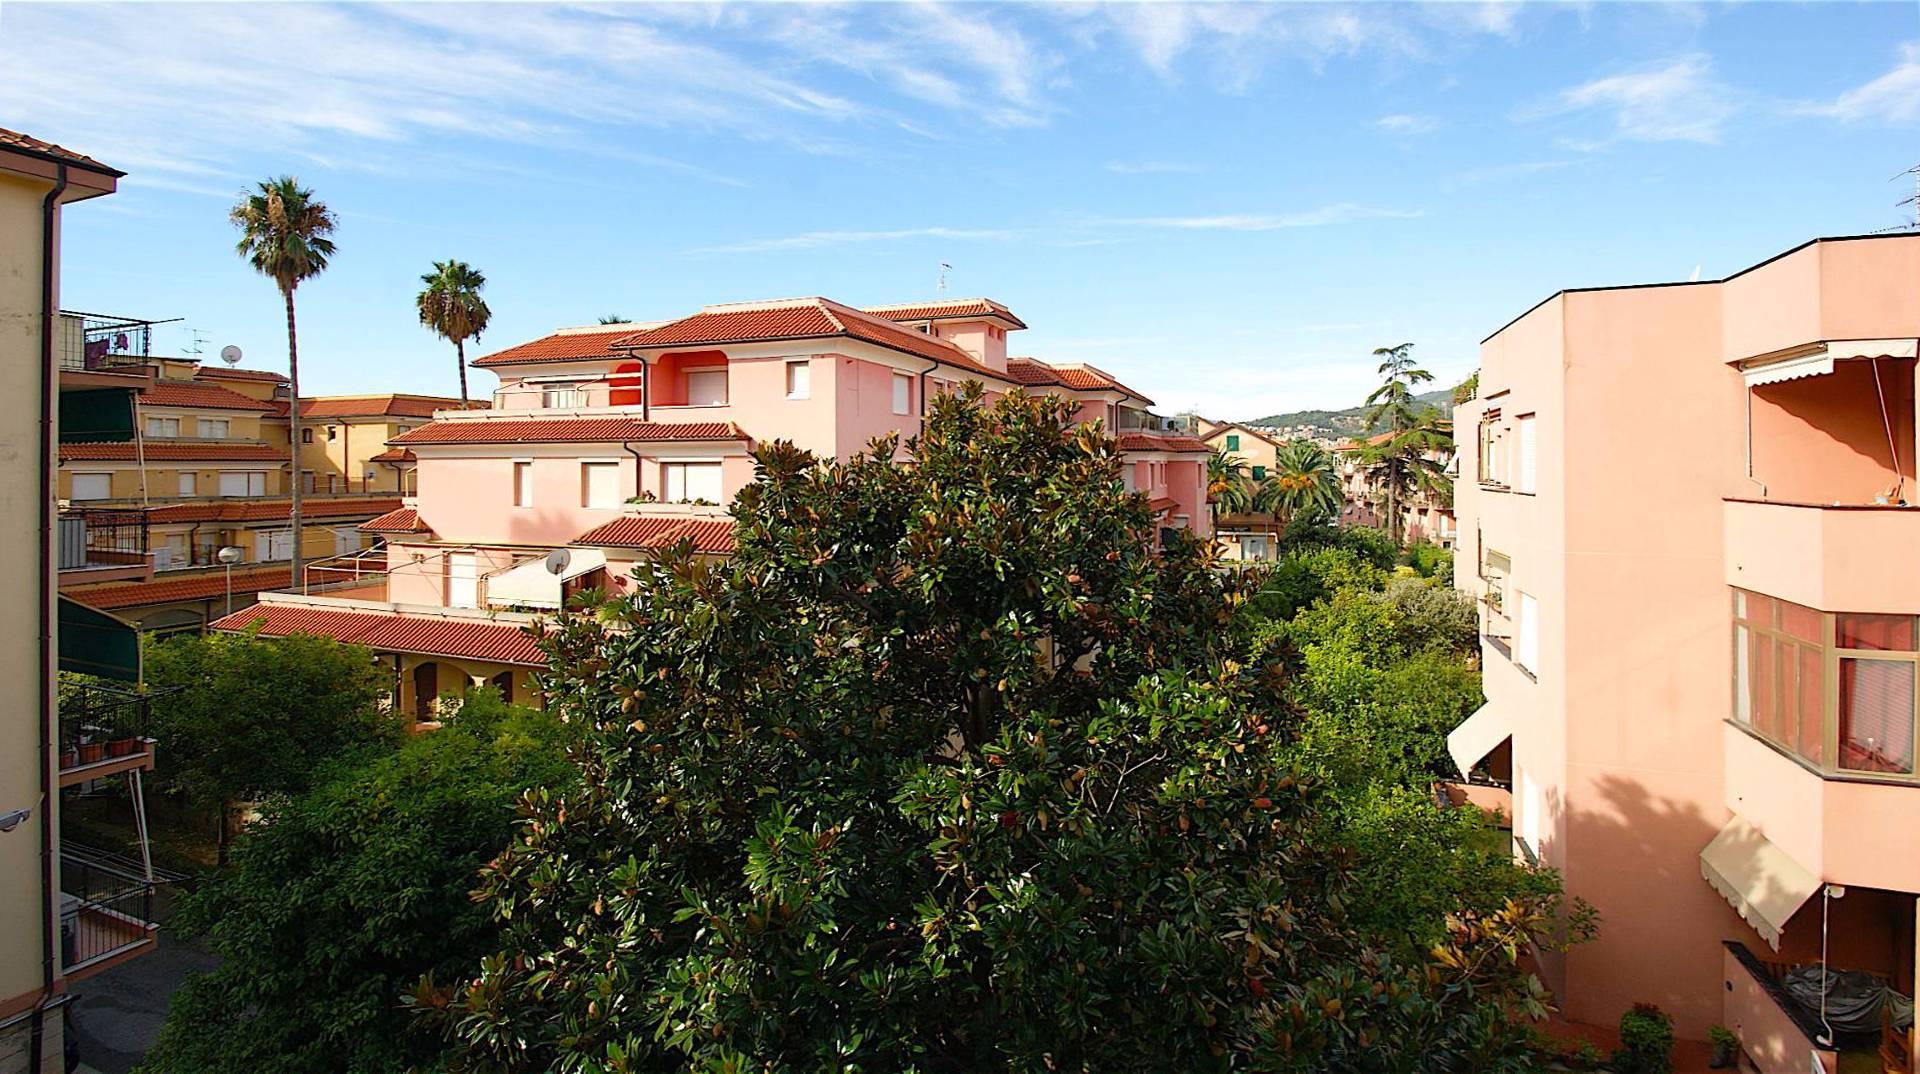 Appartamento in vendita a Borgio Verezzi, 2 locali, prezzo € 205.000 | Cambio Casa.it